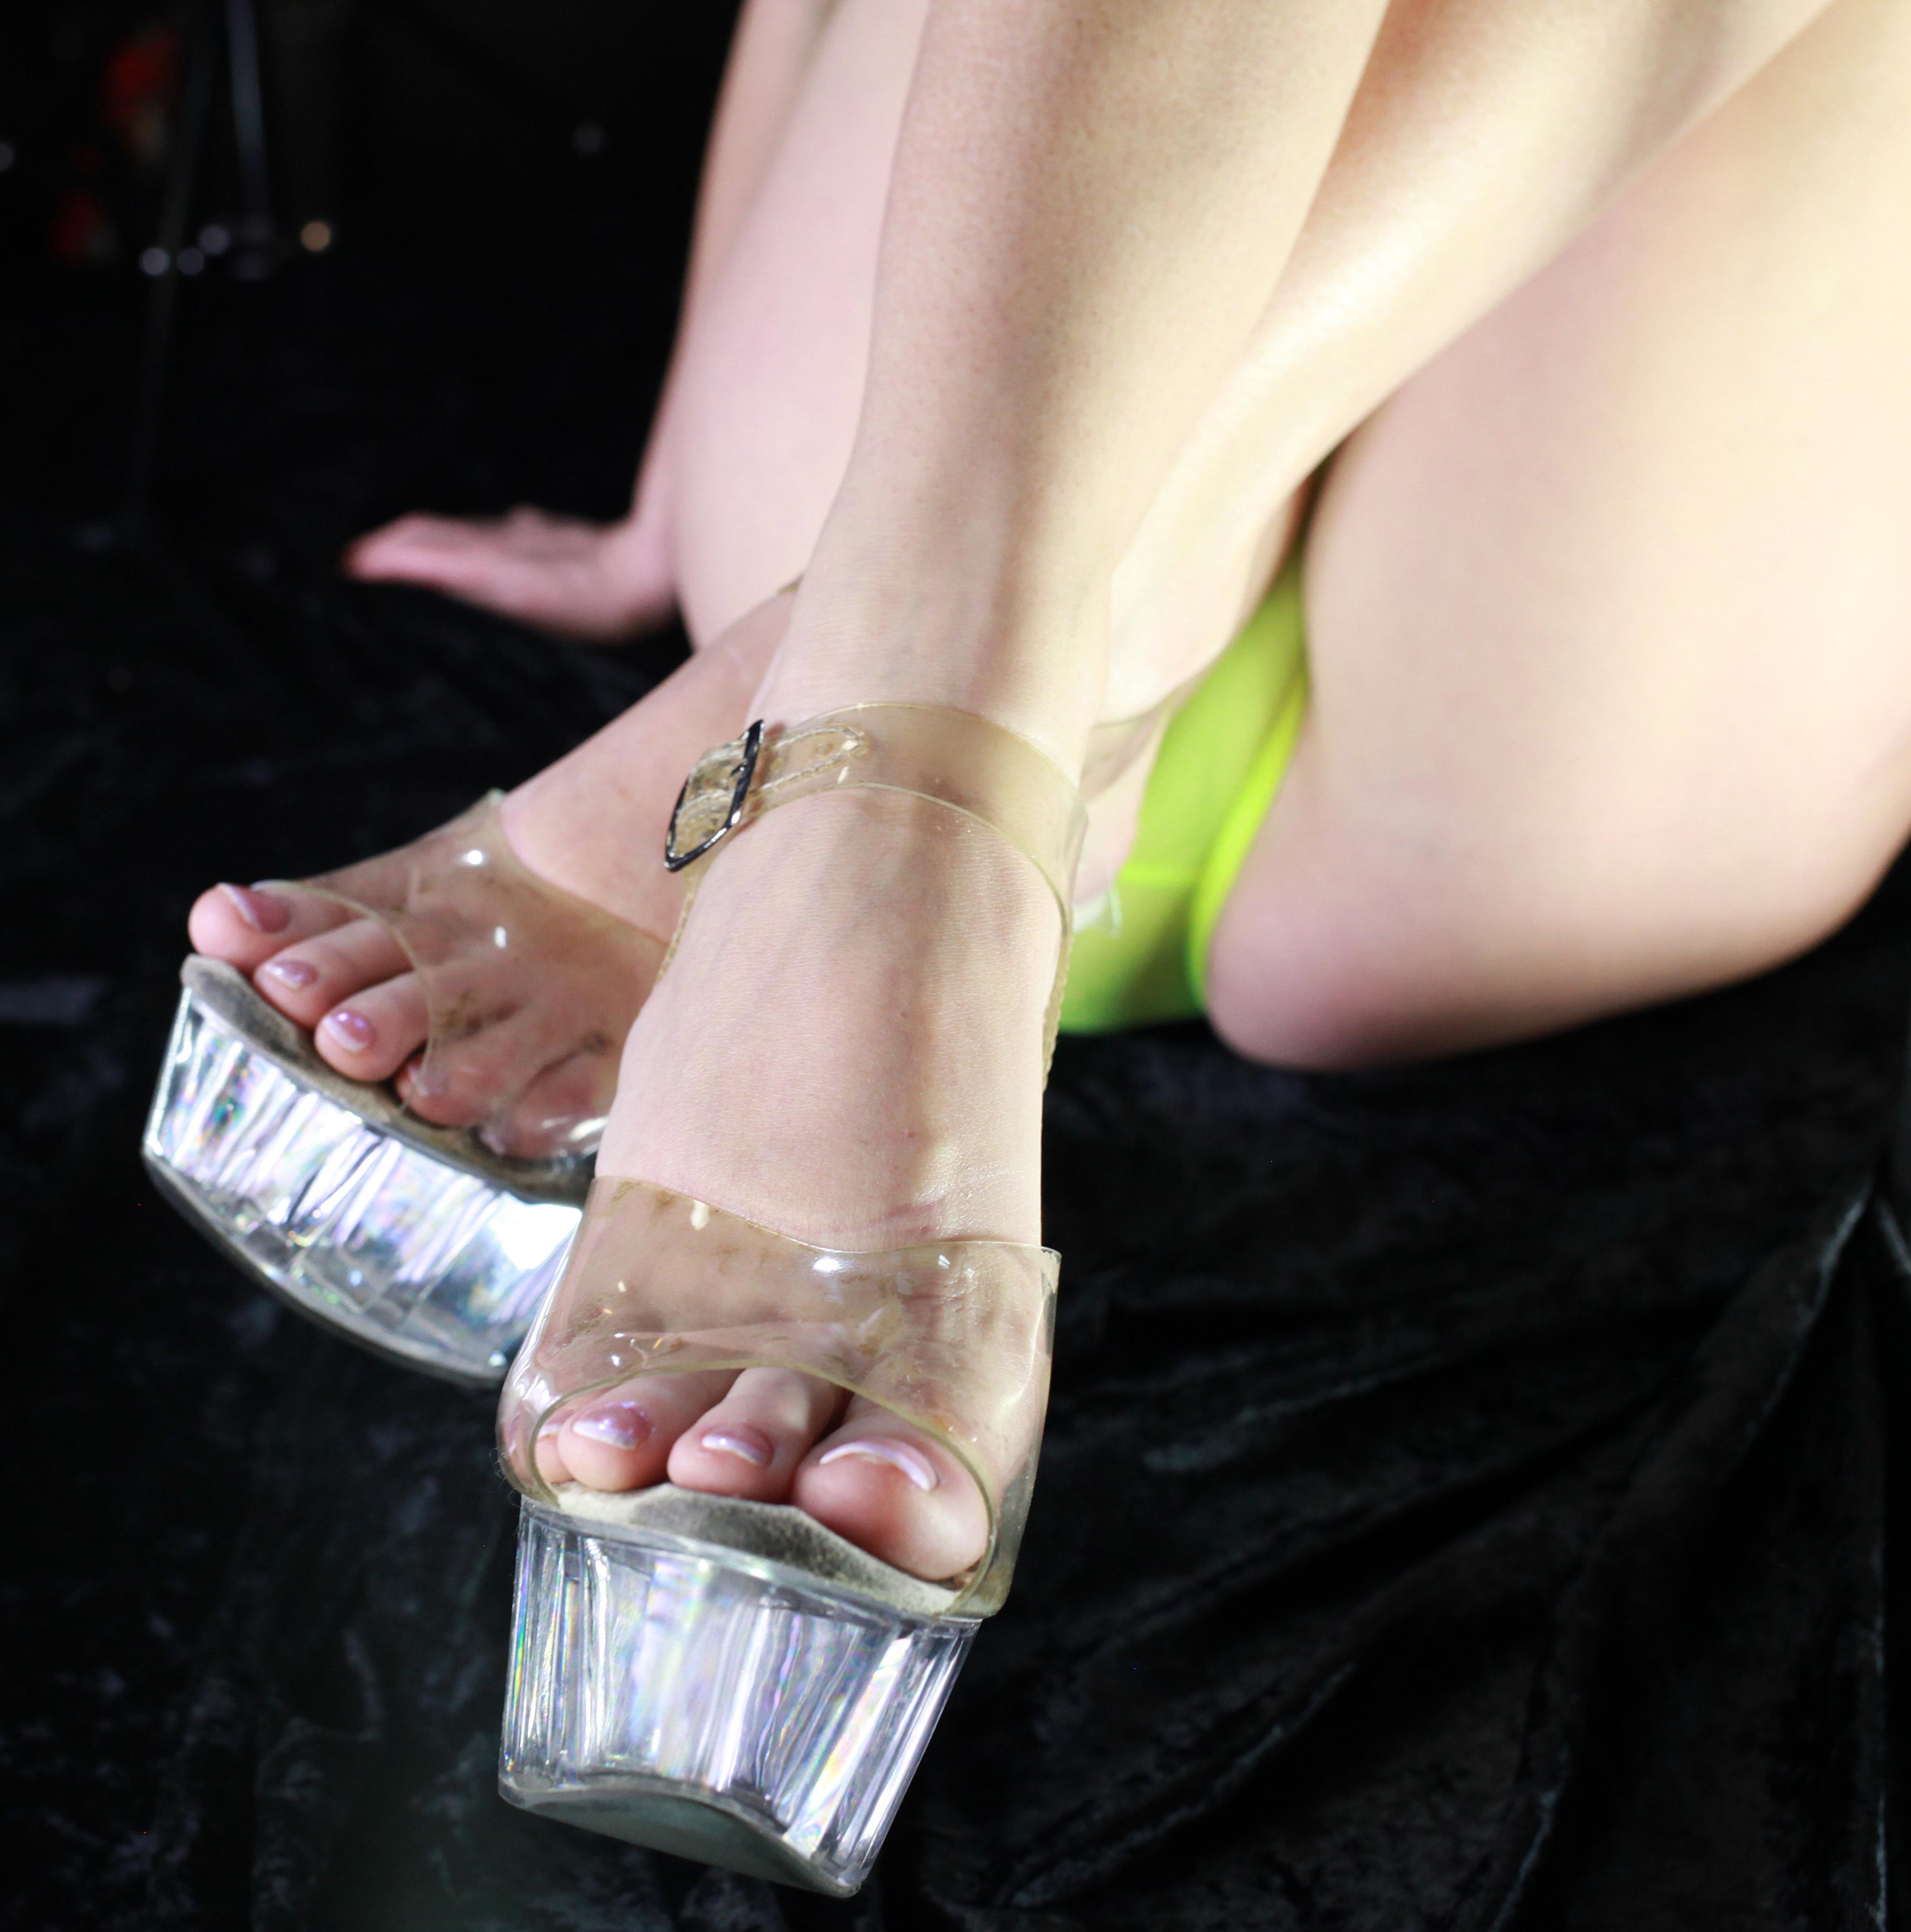 Romper & High Heels $150